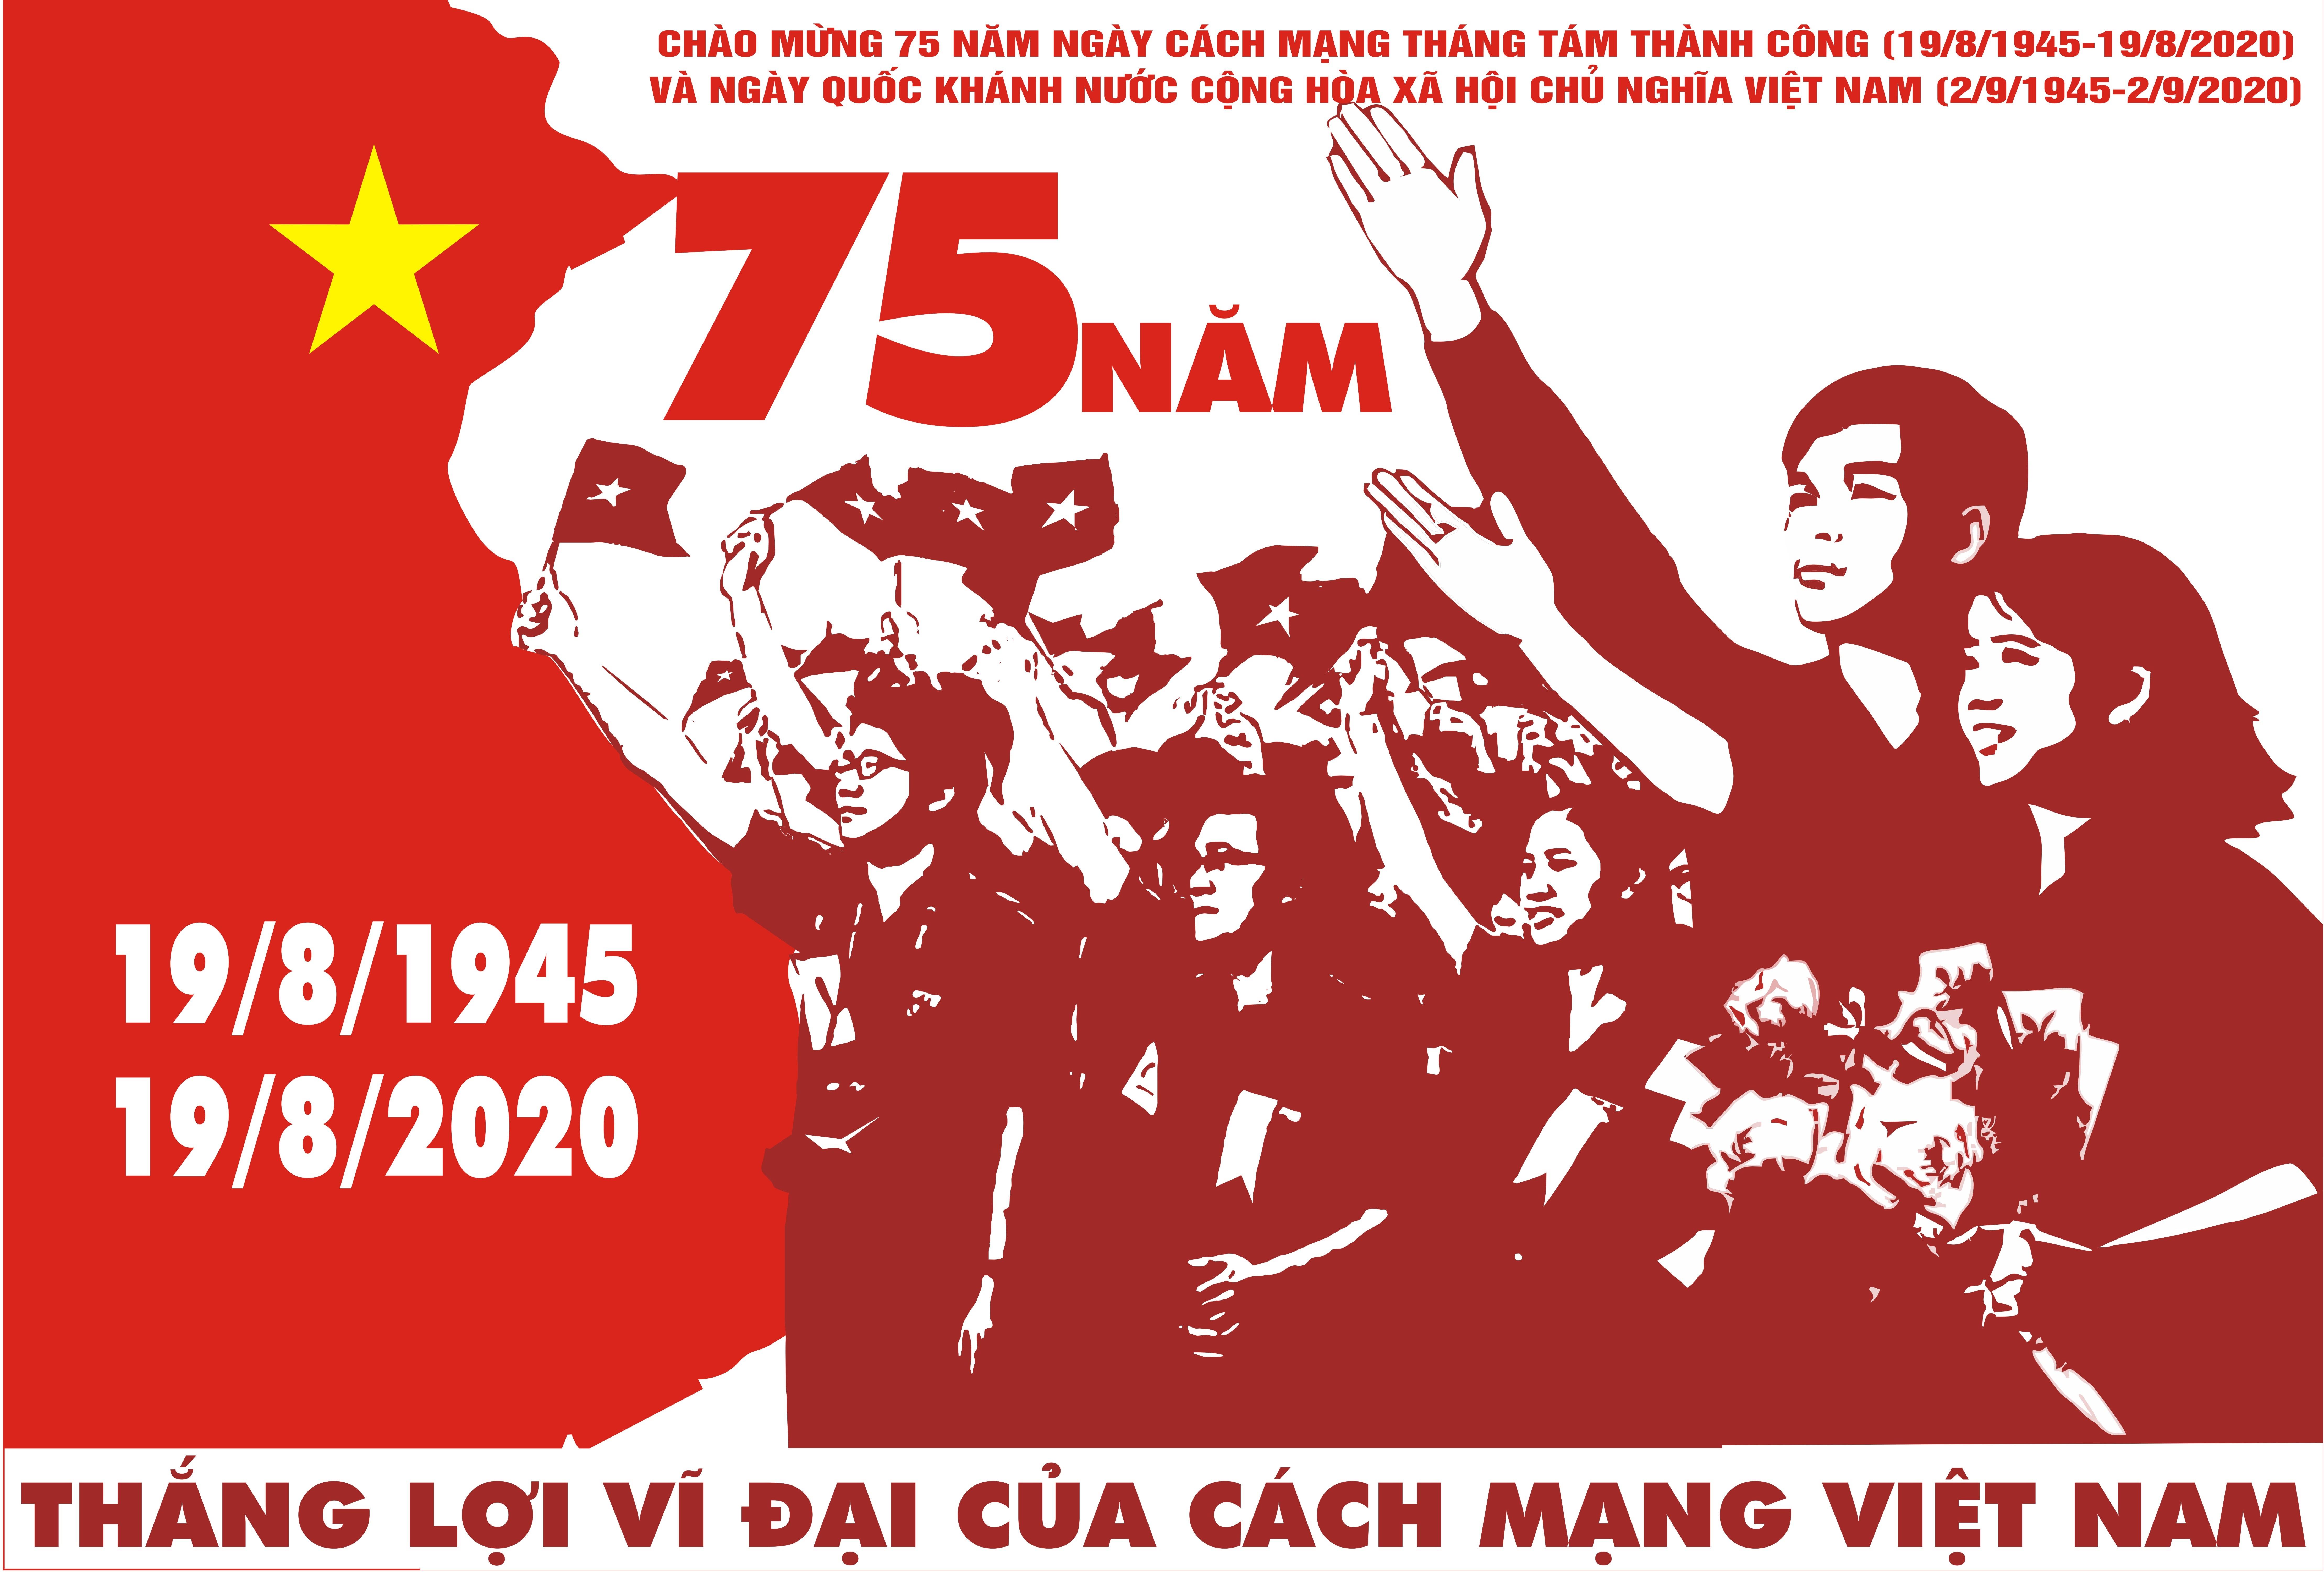 Tài liệu tuyên truyền kỷ niệm 75 năm Cách mạng Tháng Tám (19/8/1945-19/8/2020) và Quốc khánh nước Cộng hòa xã hội chủ nghĩa Việt Nam (2/9/1945 - 2/9/2020)